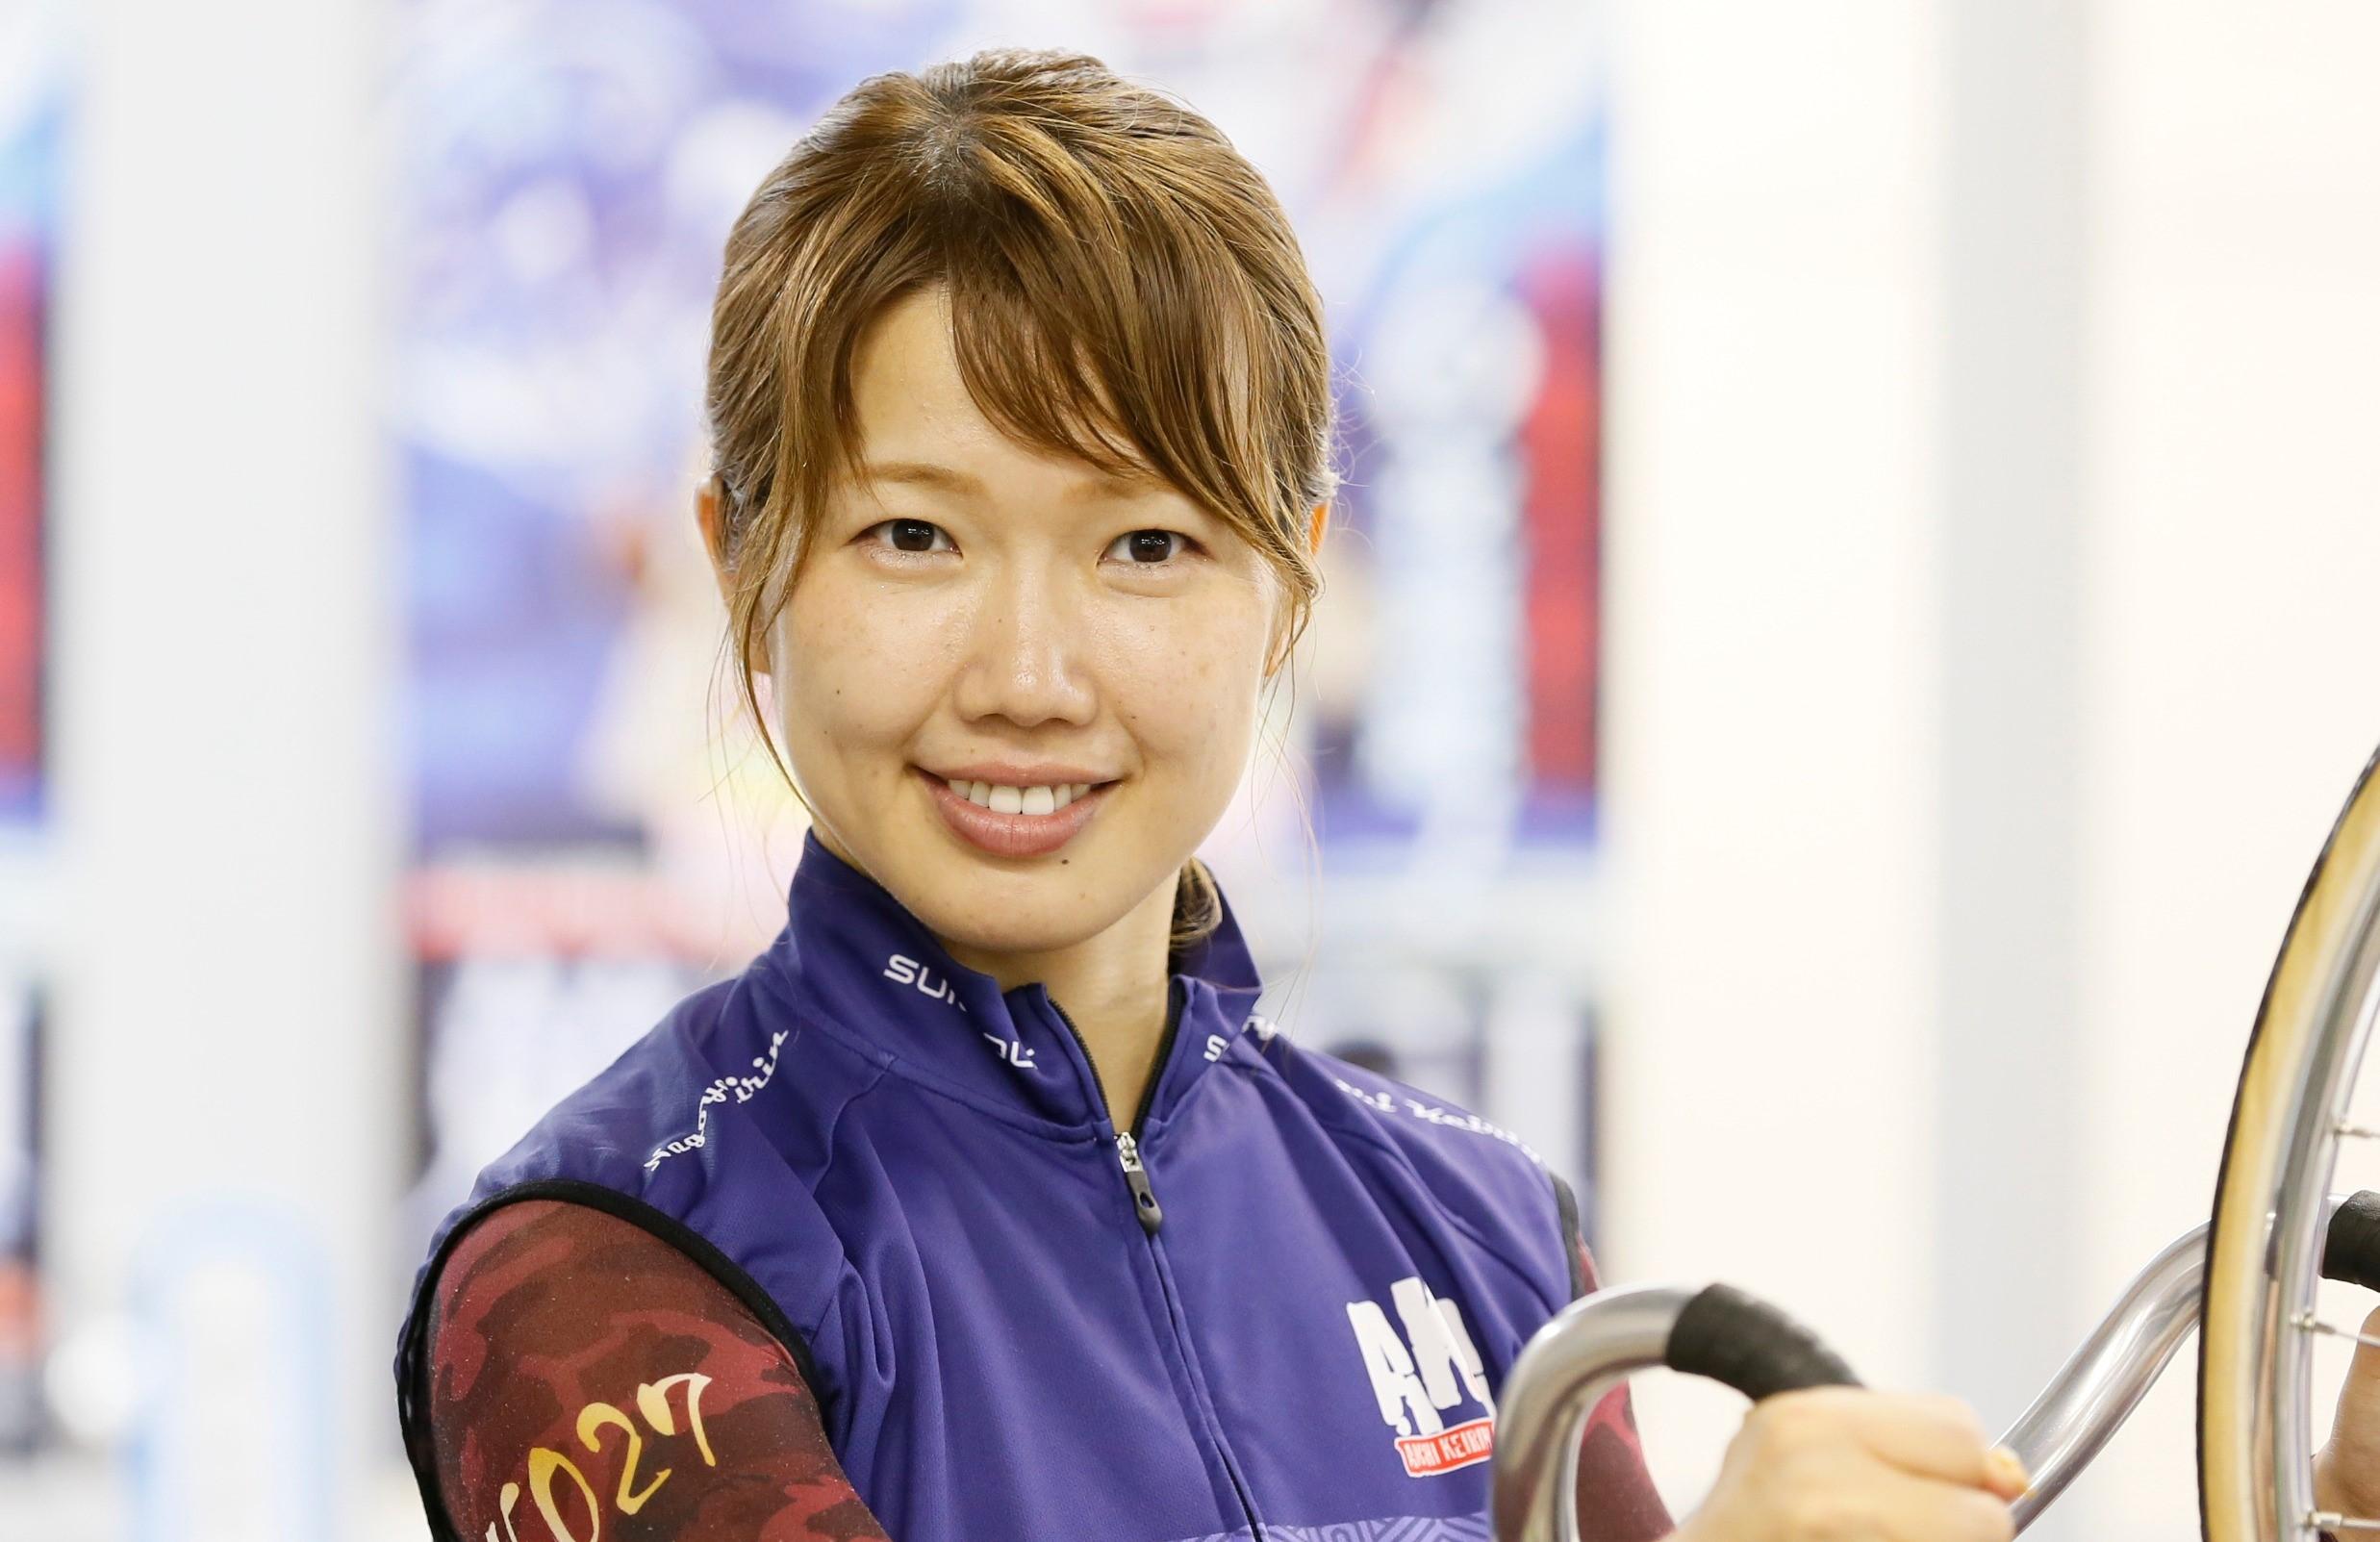 【ガールズ名鑑♀】美人かわいい競輪選手「長澤彩」のプロフィールから個人情報まで